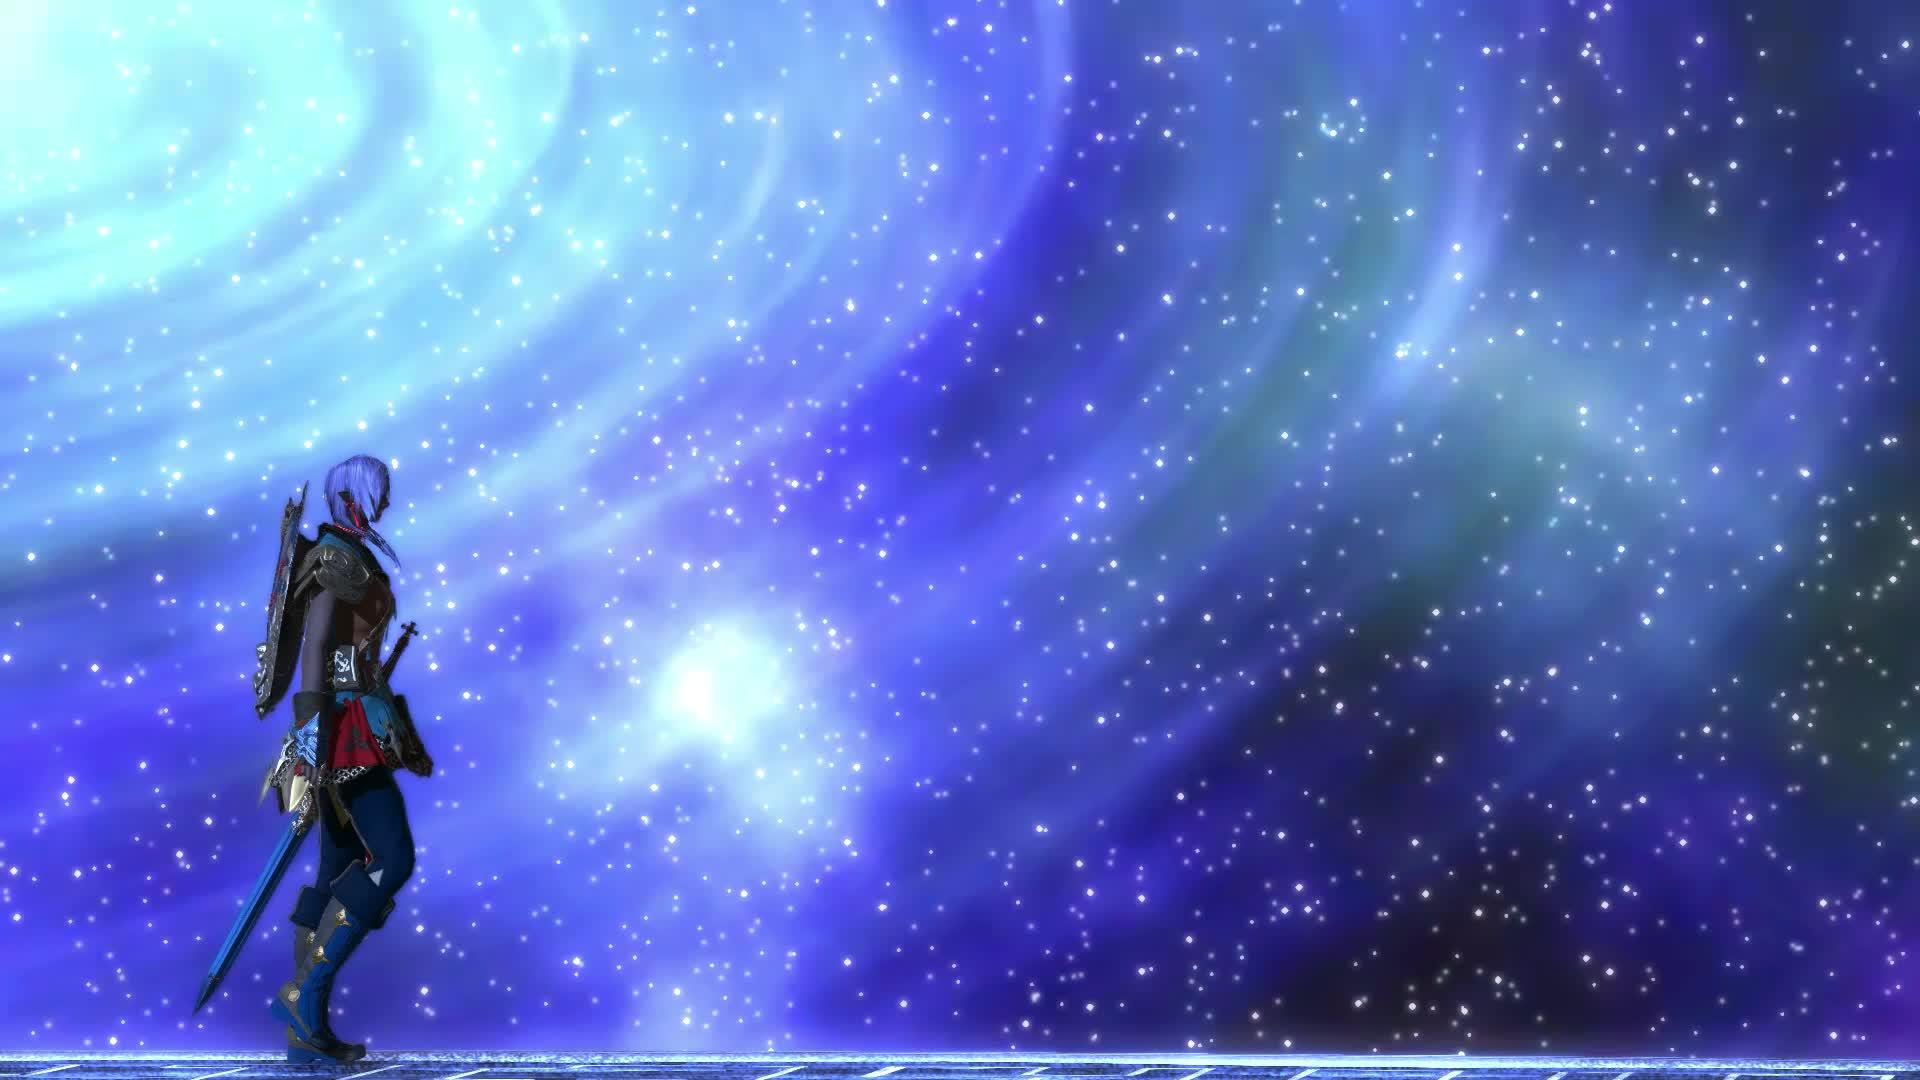 FFXIV, Final Fantasy, Stars, Video games, galaxy, walking, FFXIV Anime Like EP GIFs